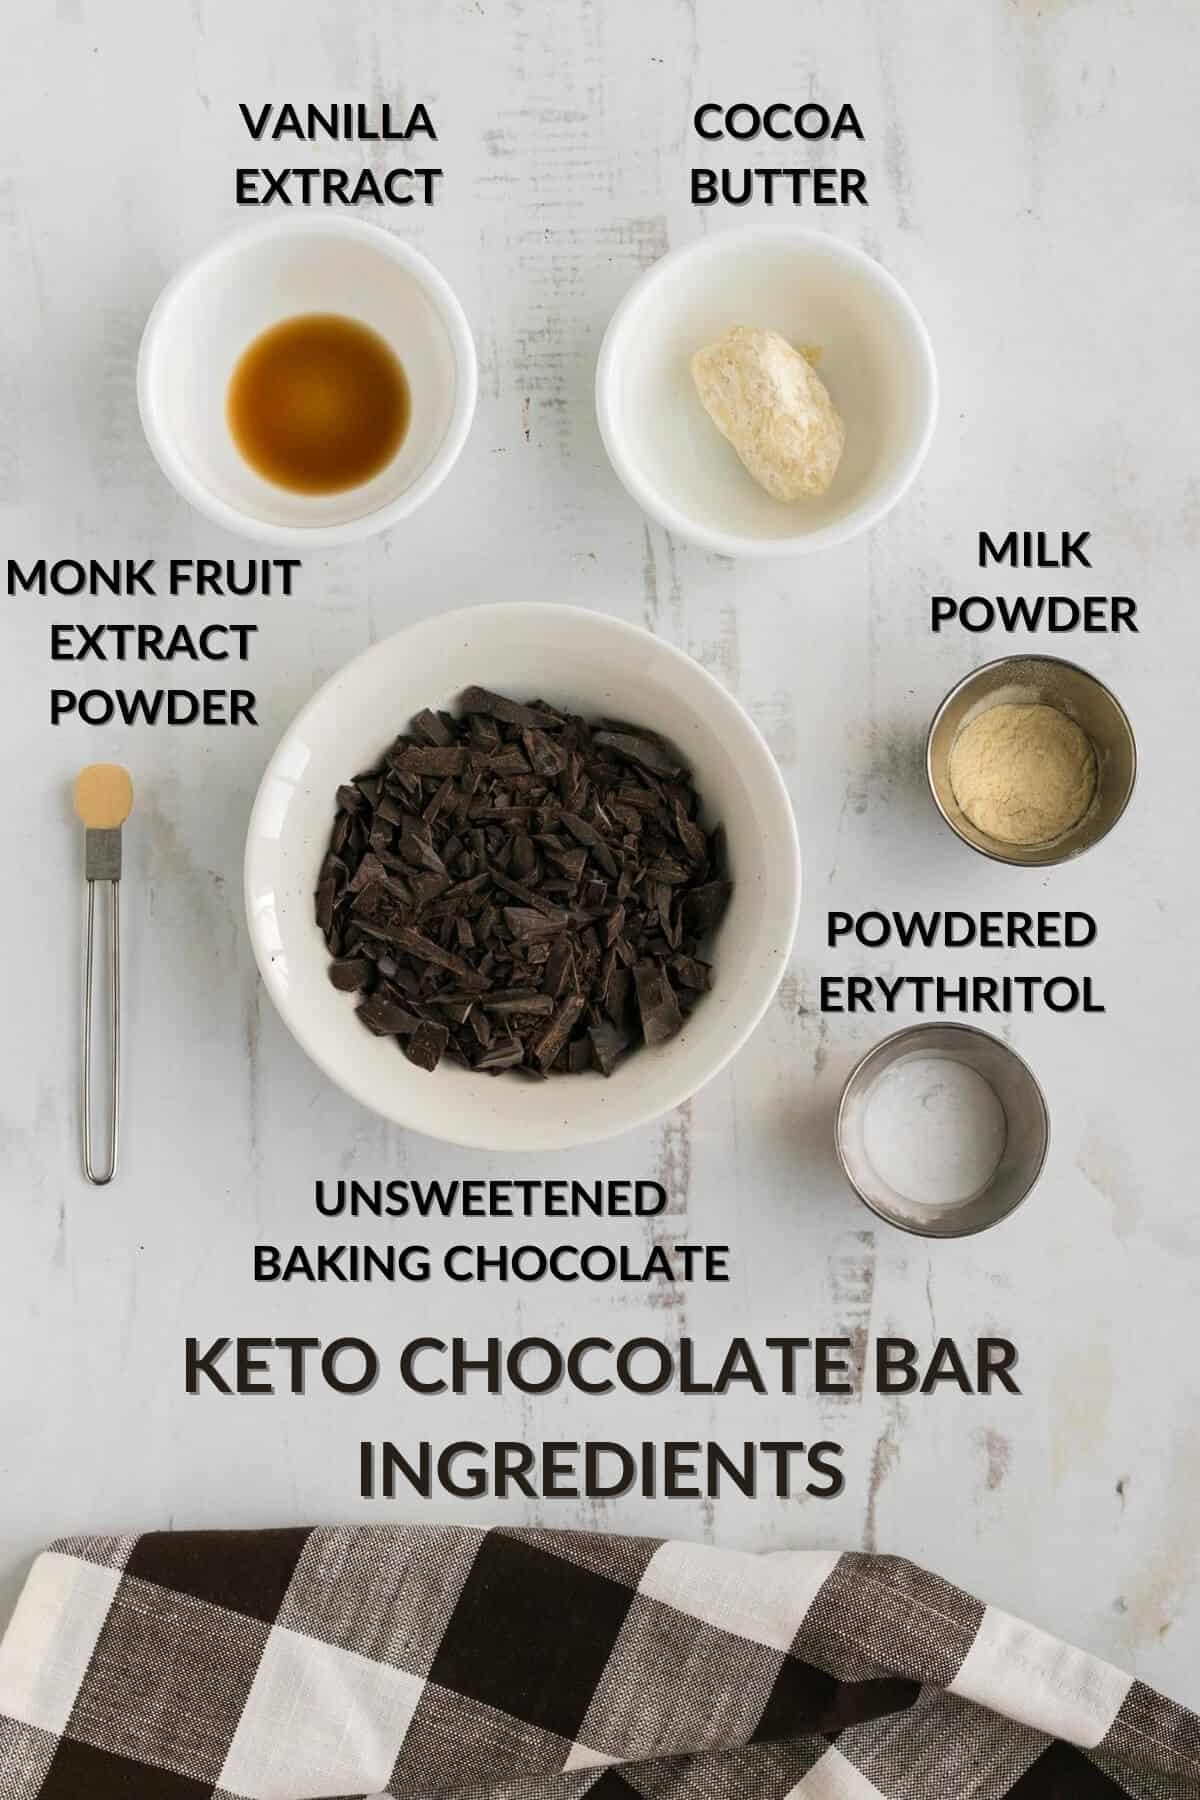 ingredients used